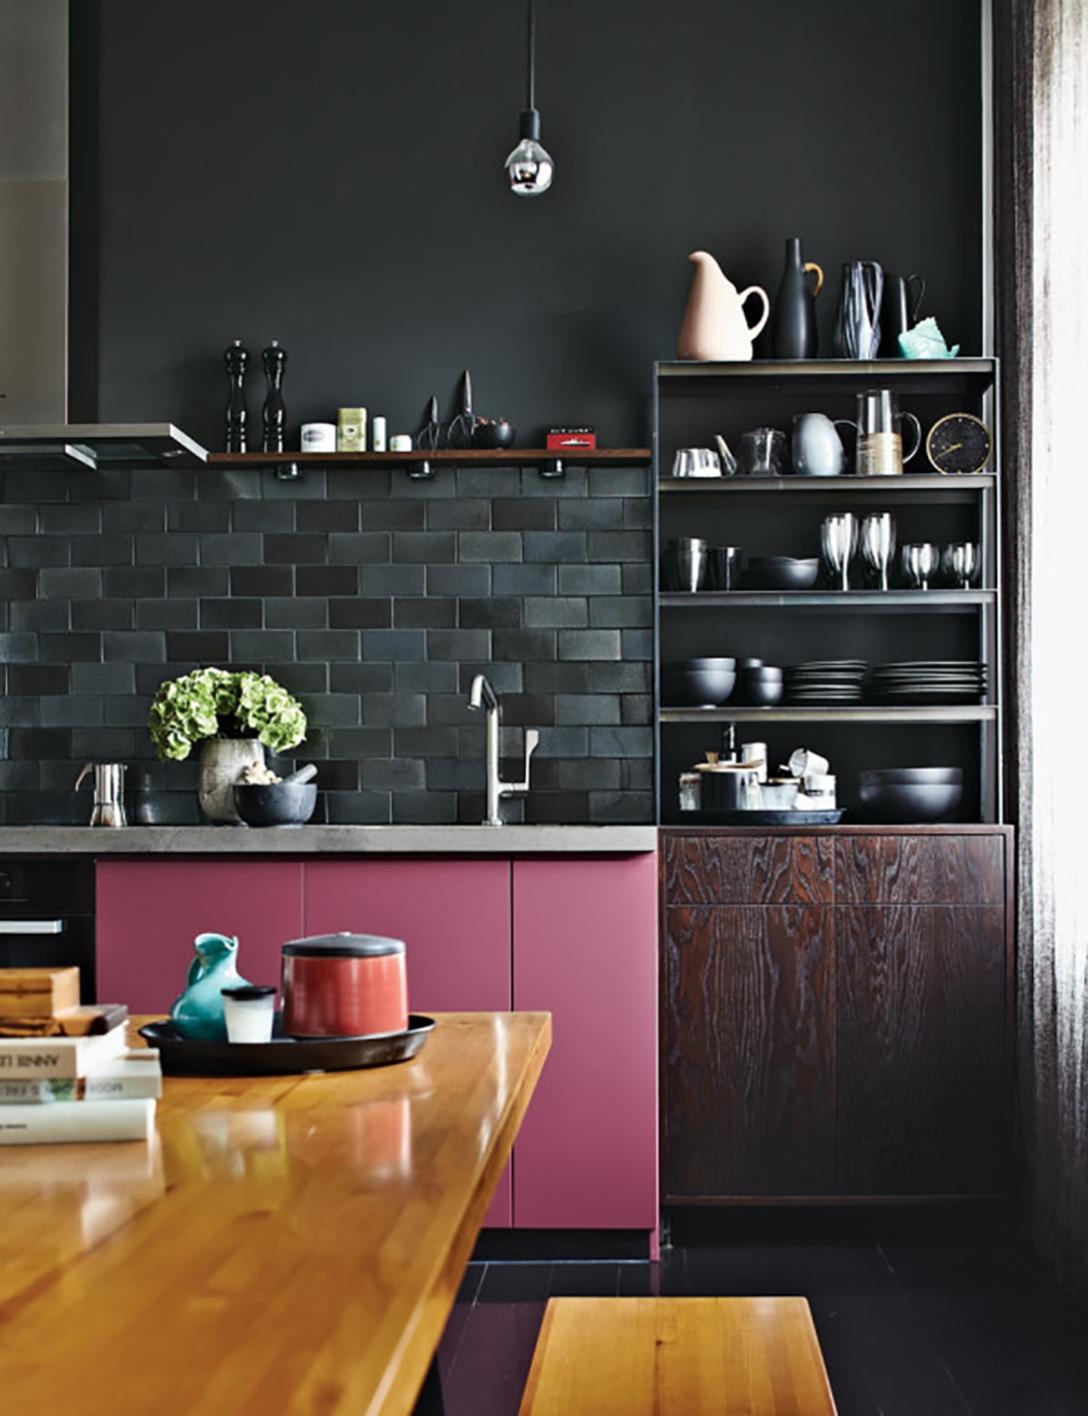 roundup-moody-rooms-3-berlin-kitchen-peter-fehrentz-600x781